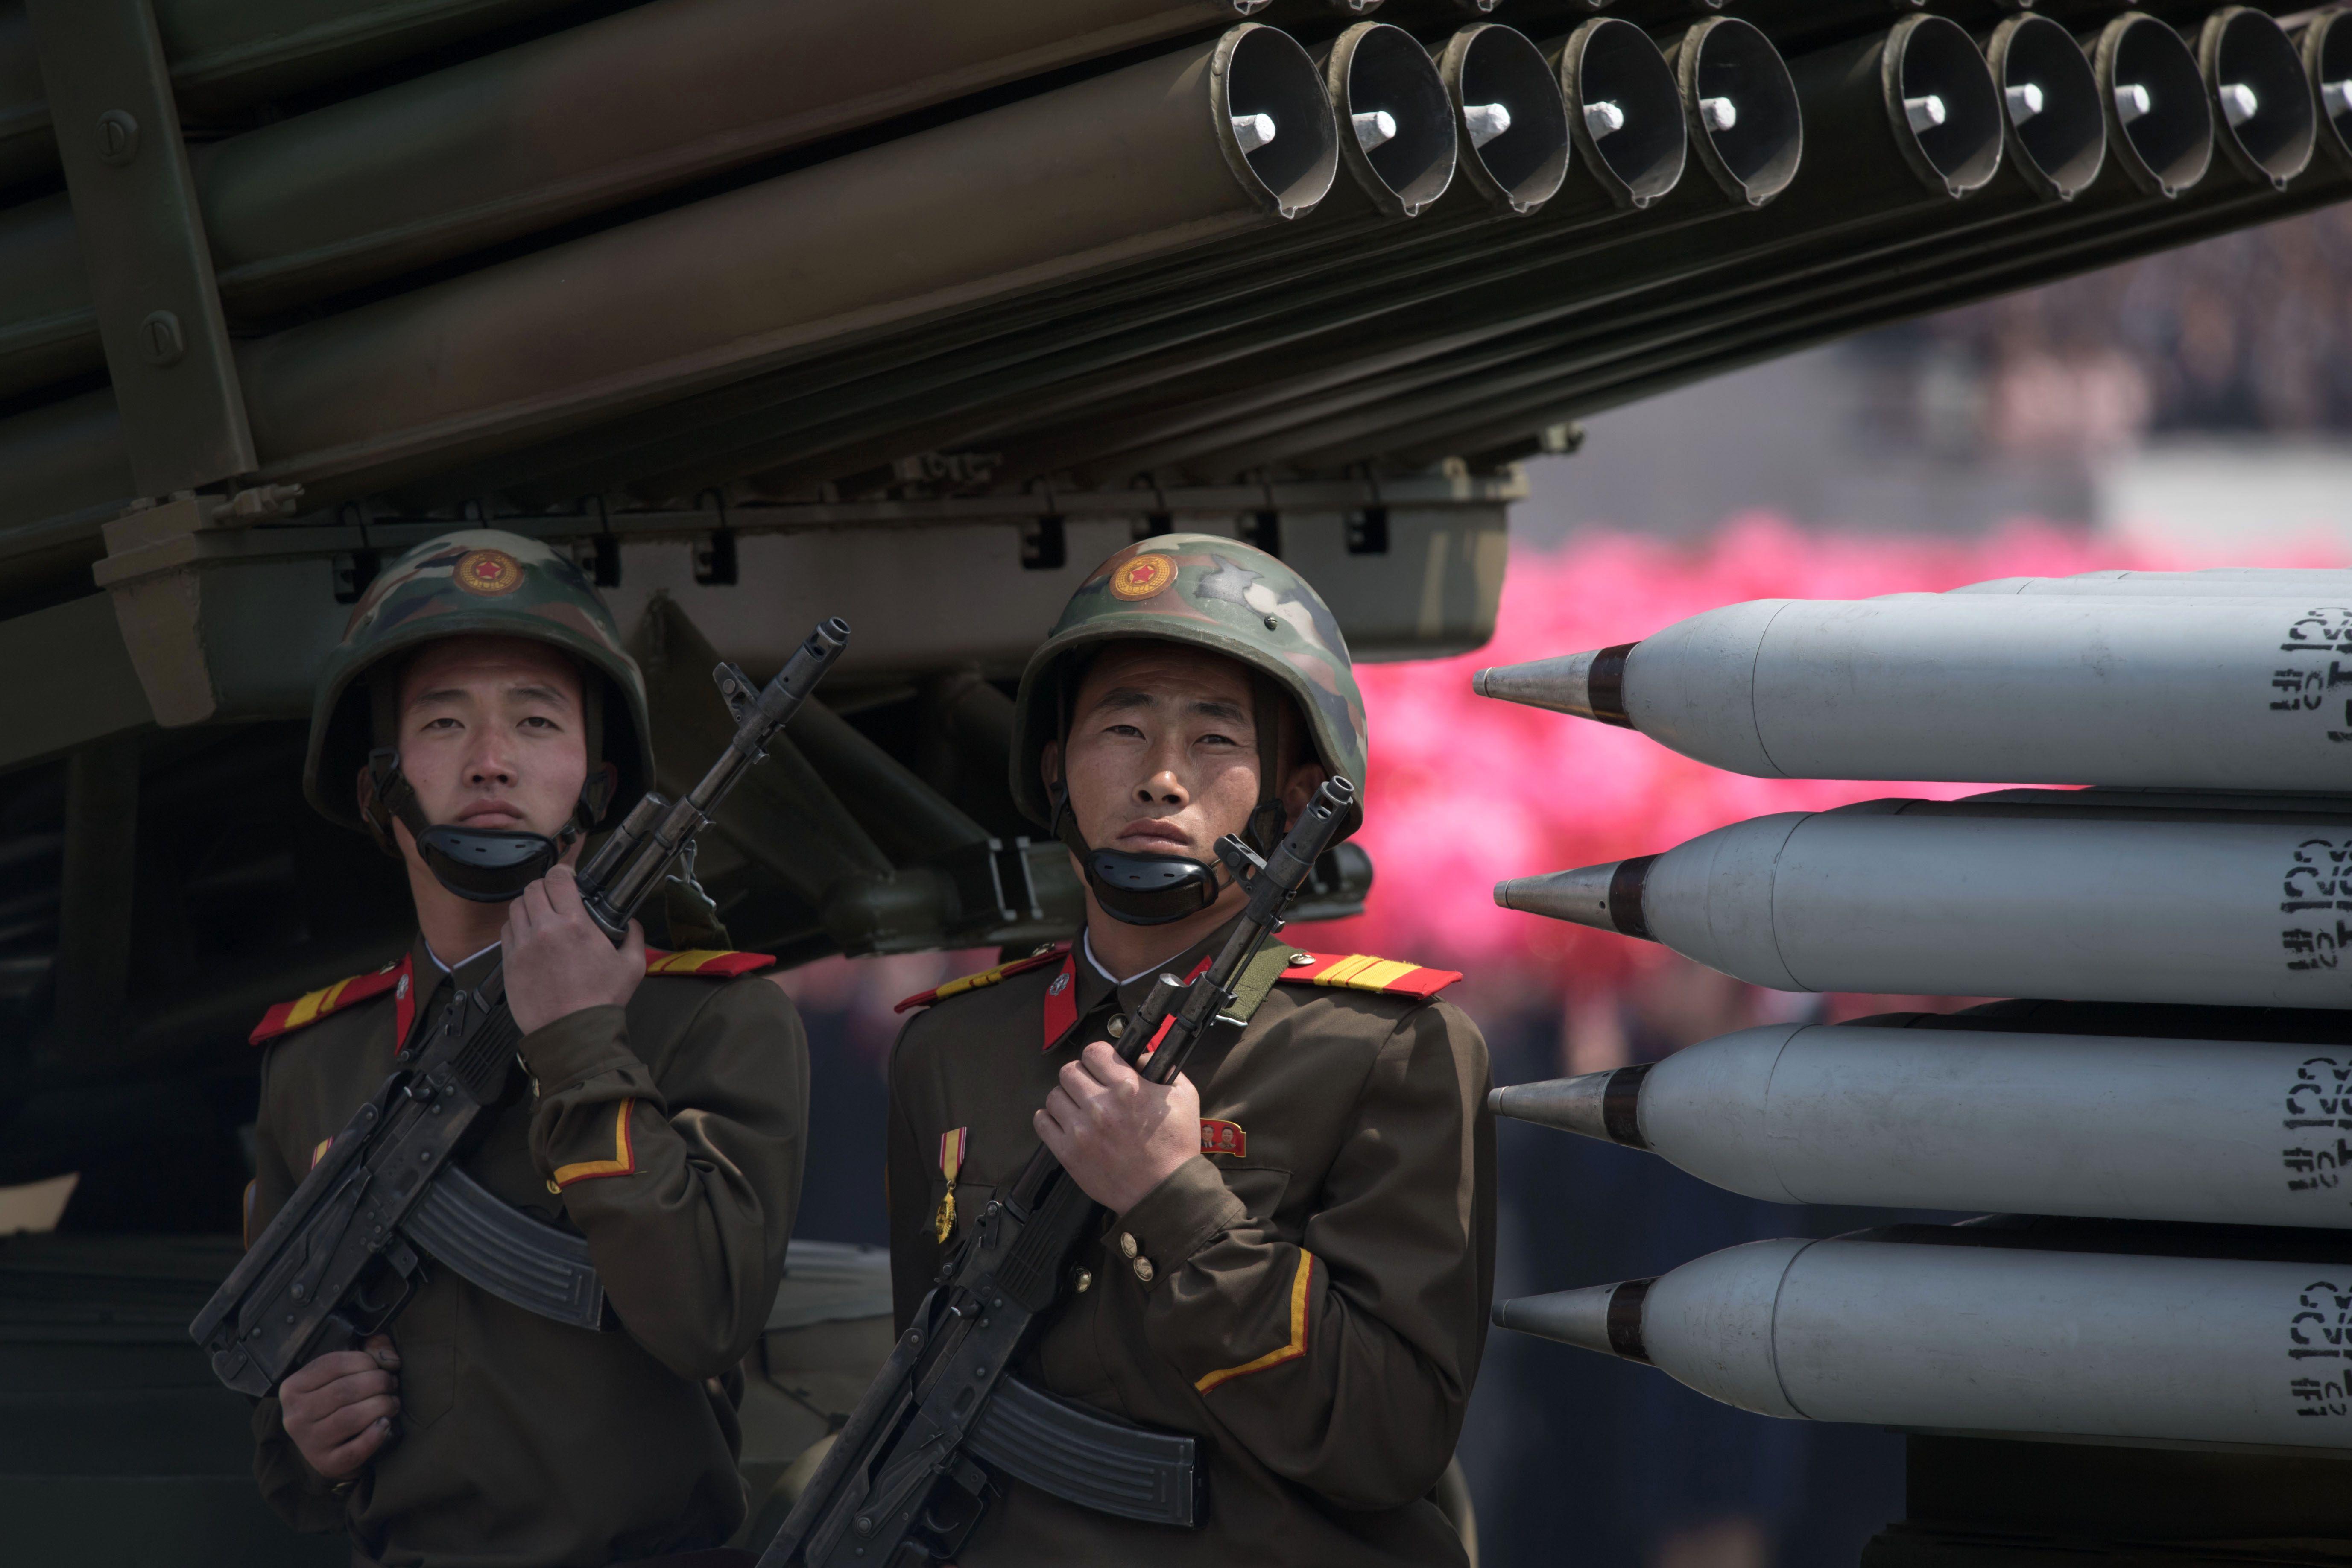 قاذفات صواريخ متنقلة خلال العرض العسكرى